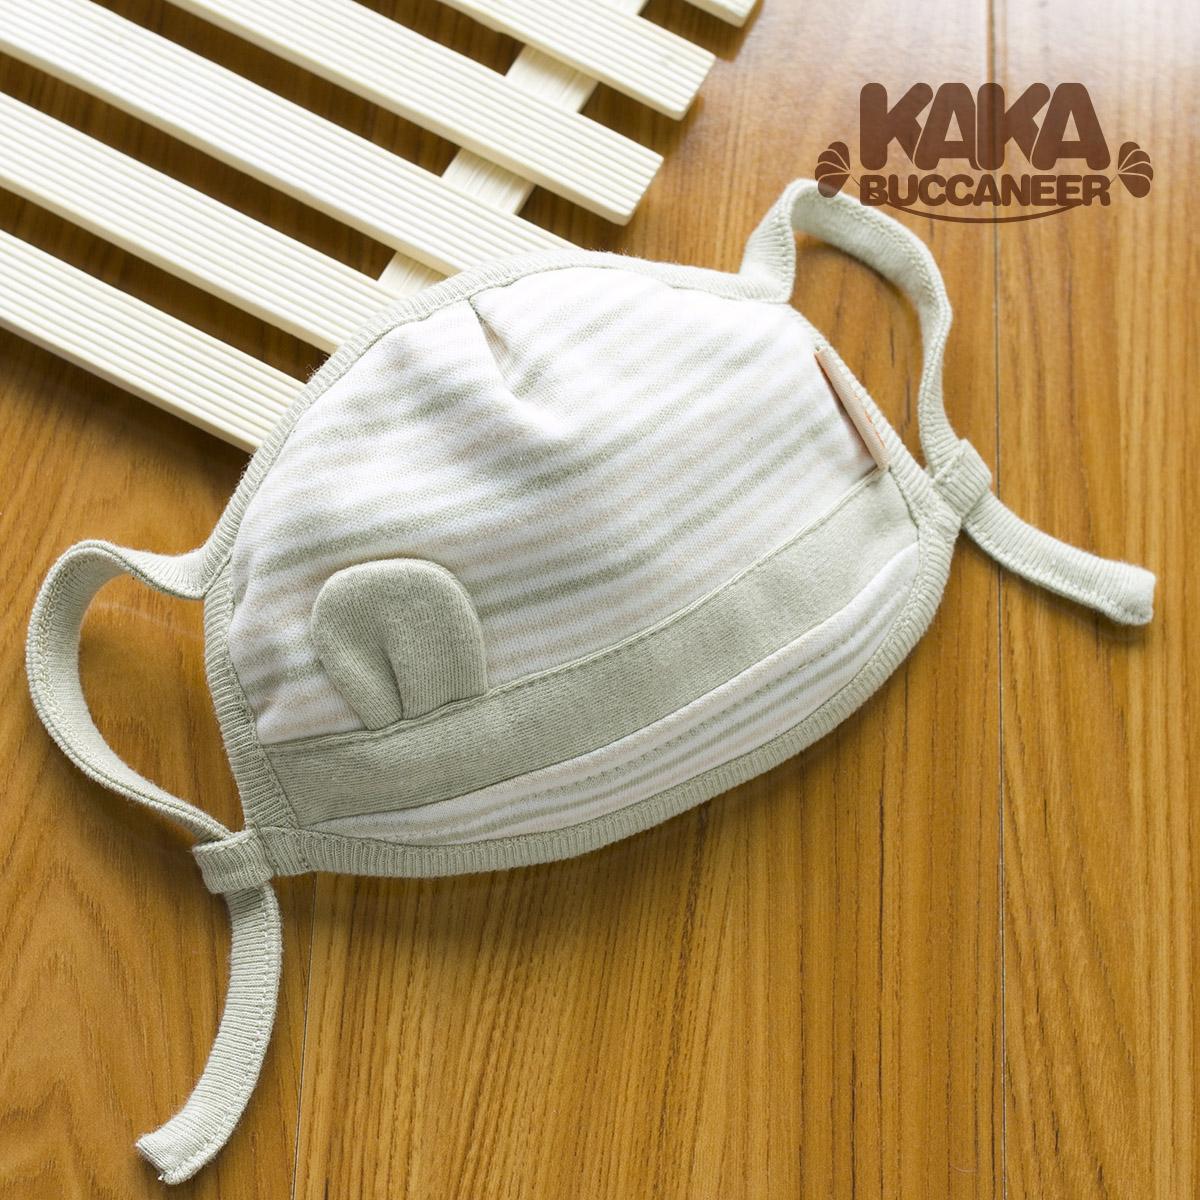 Как сшить ватно-марлевую повязку для ребенка пошагово 89